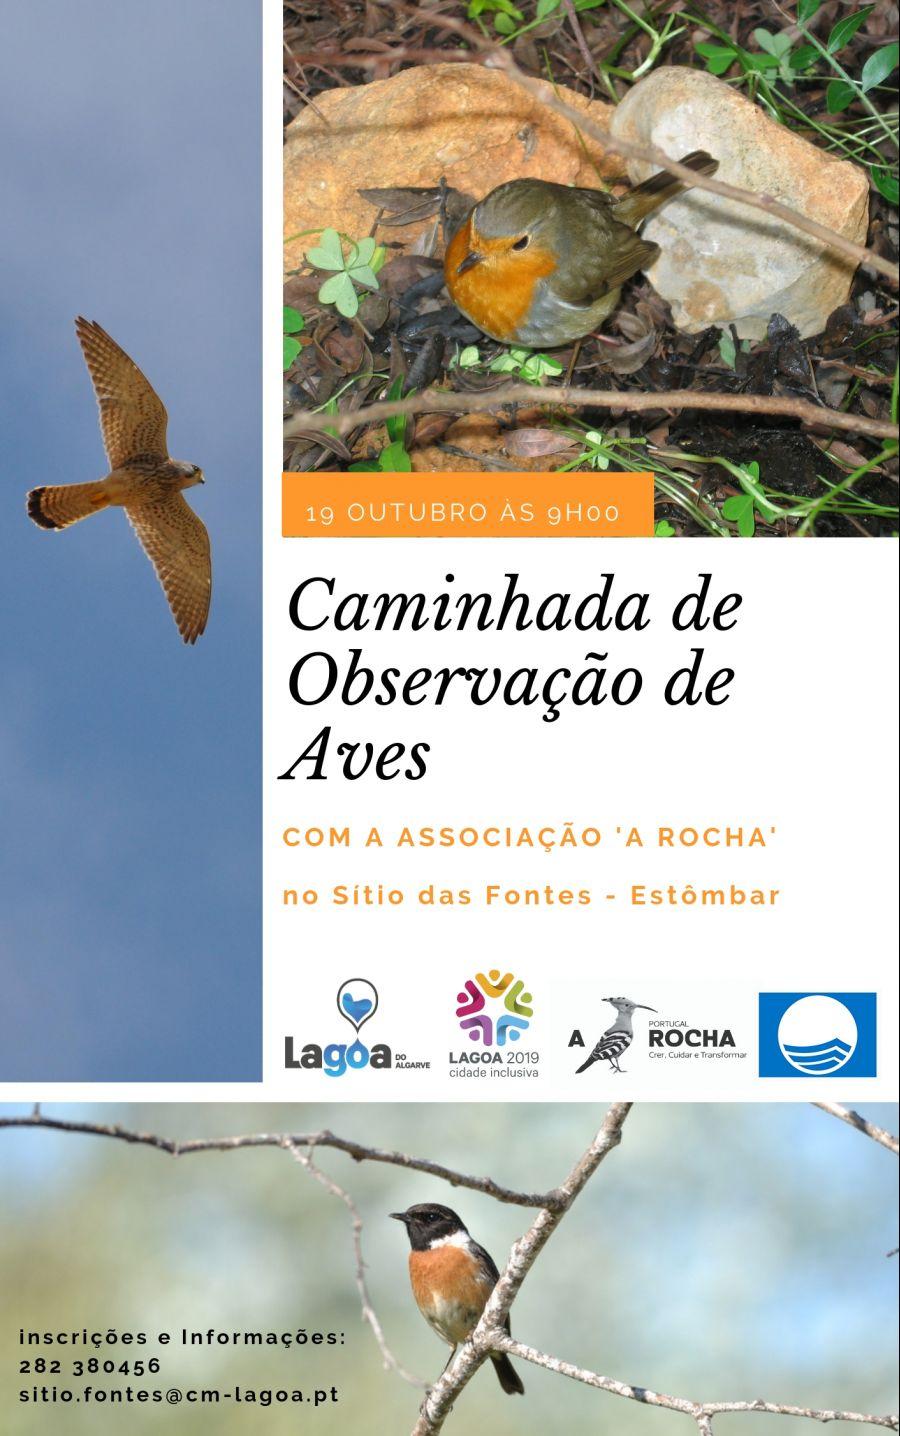 Caminhada de Observação de Aves (com a Associação A Rocha)